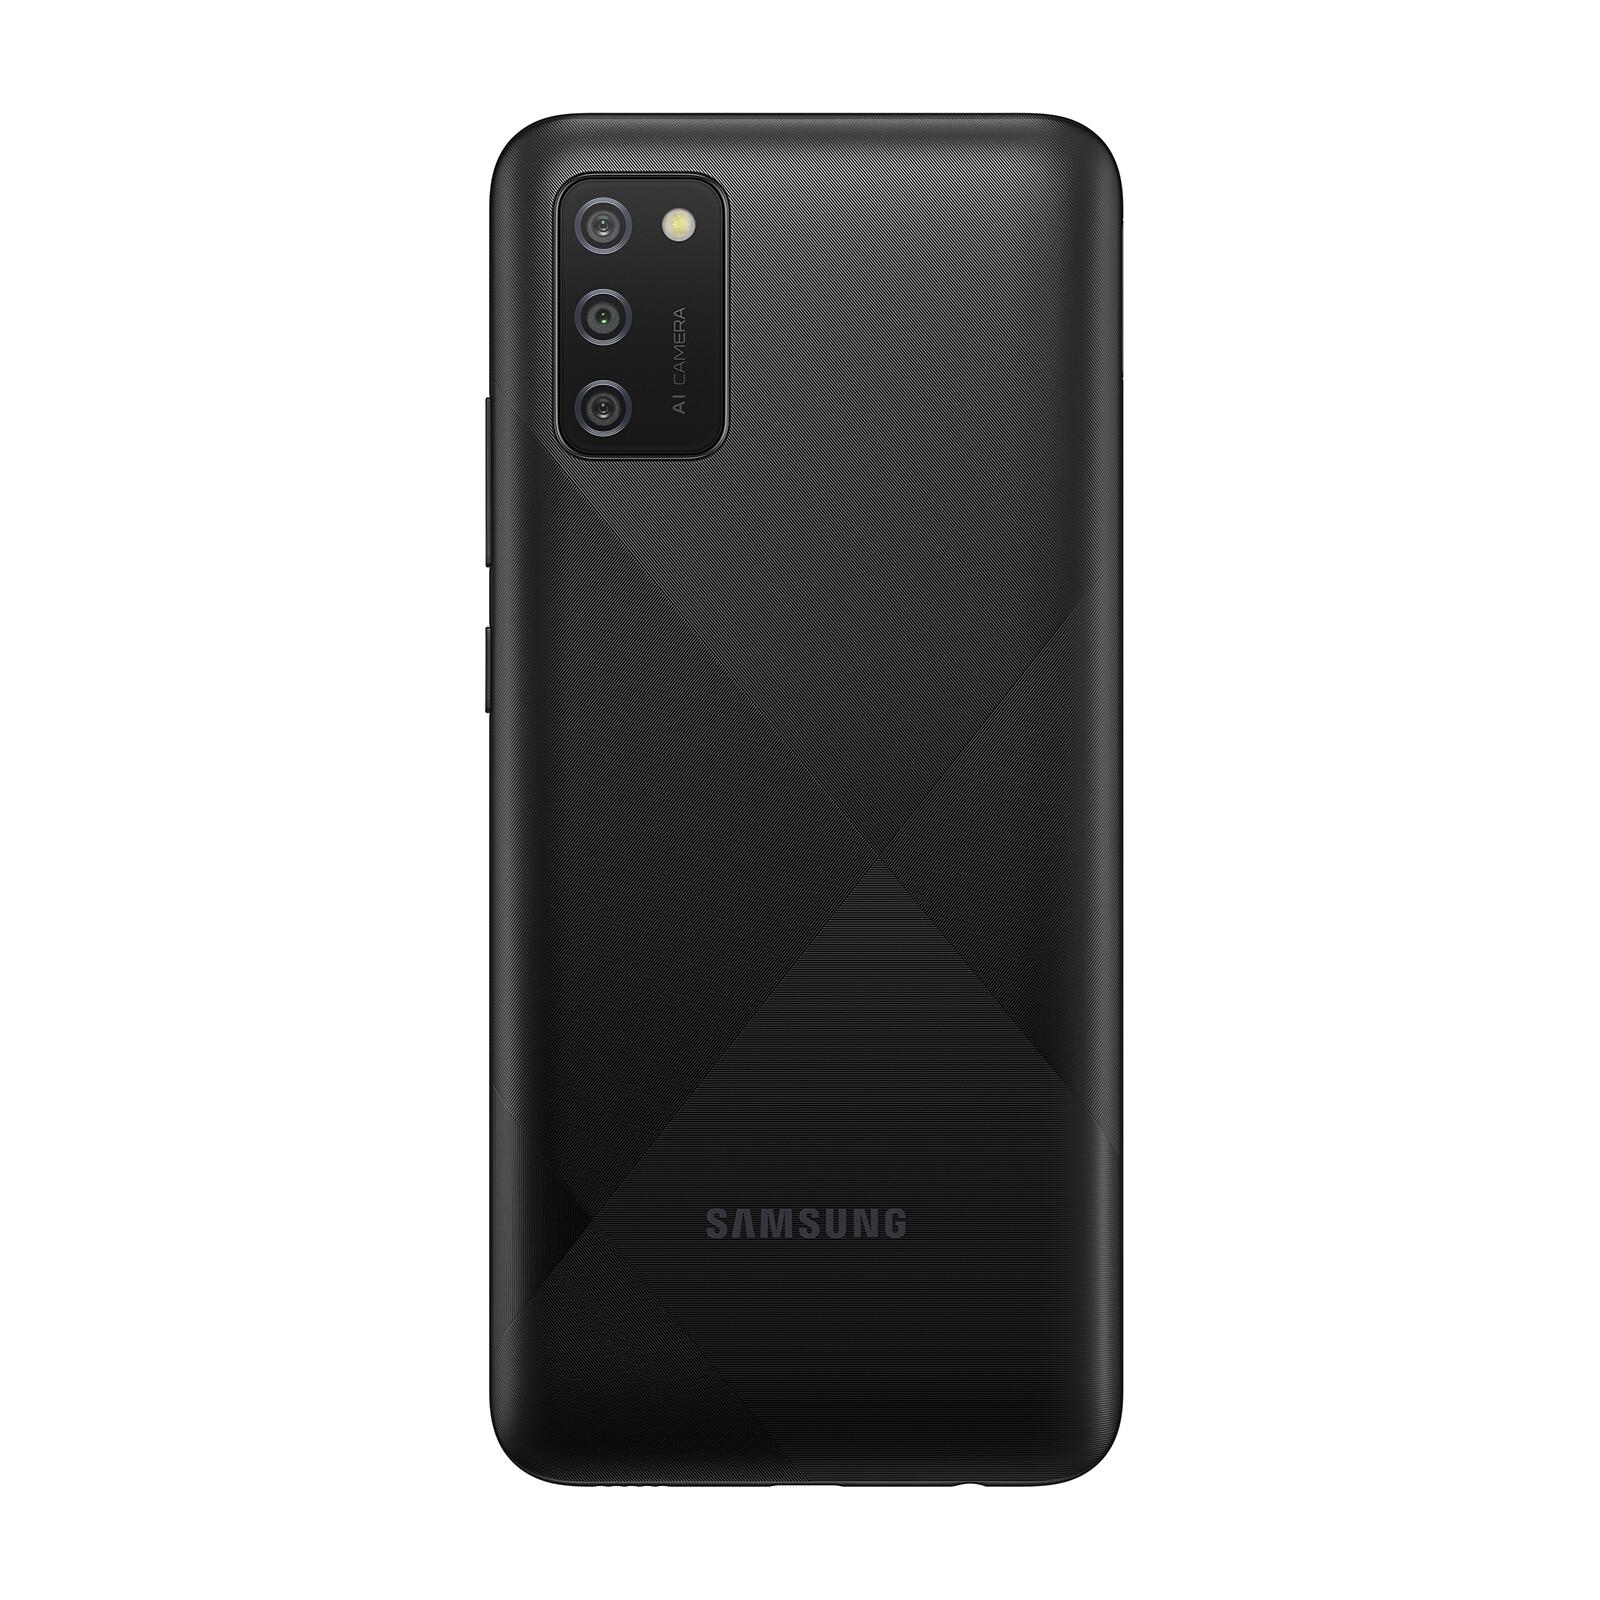 Samsung Galaxy A02s 32GB black Dual-SIM